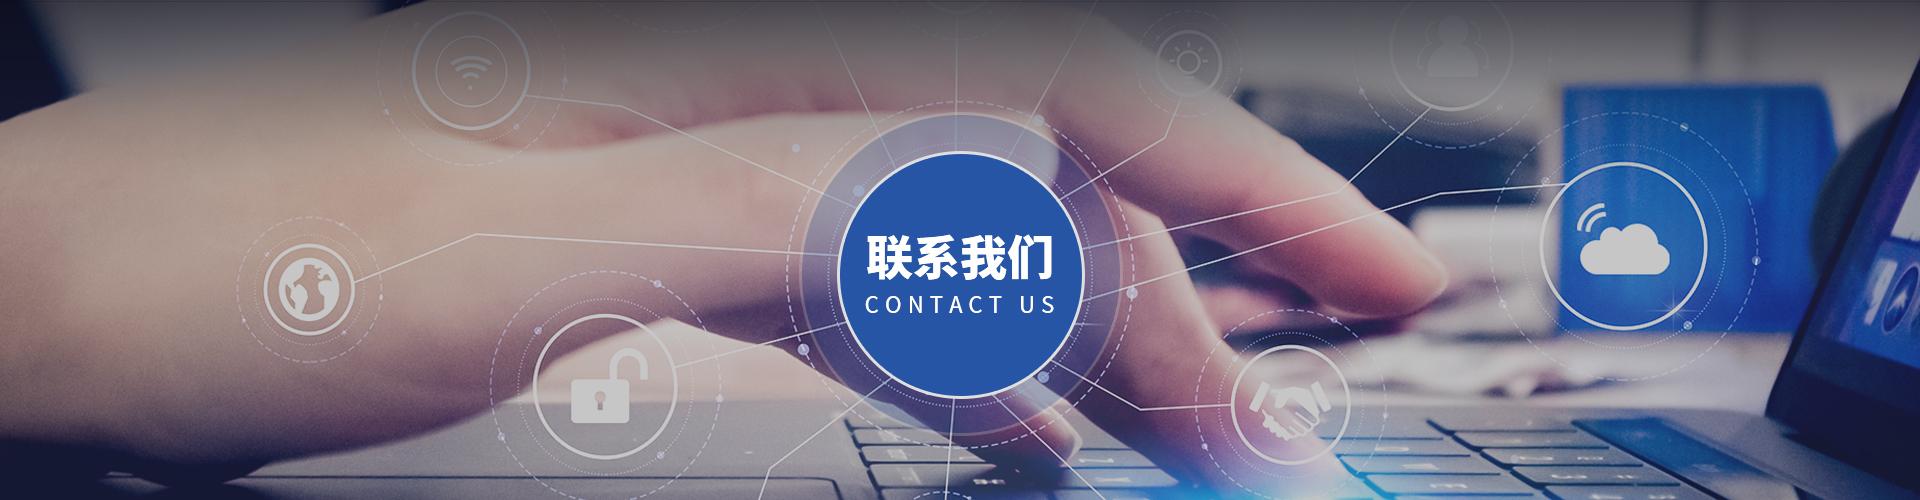 深圳市持创捷宇电子科技有限公司